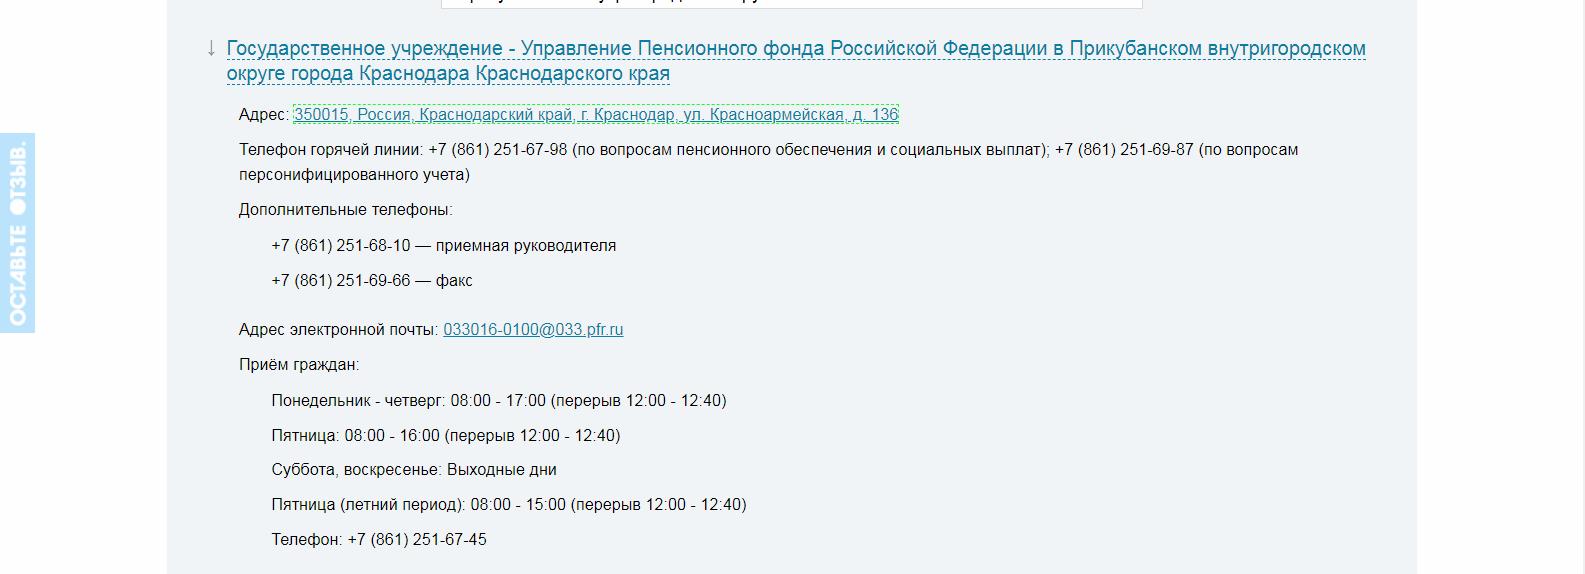 Пенсионный фонд Прикубанского округа Краснодара